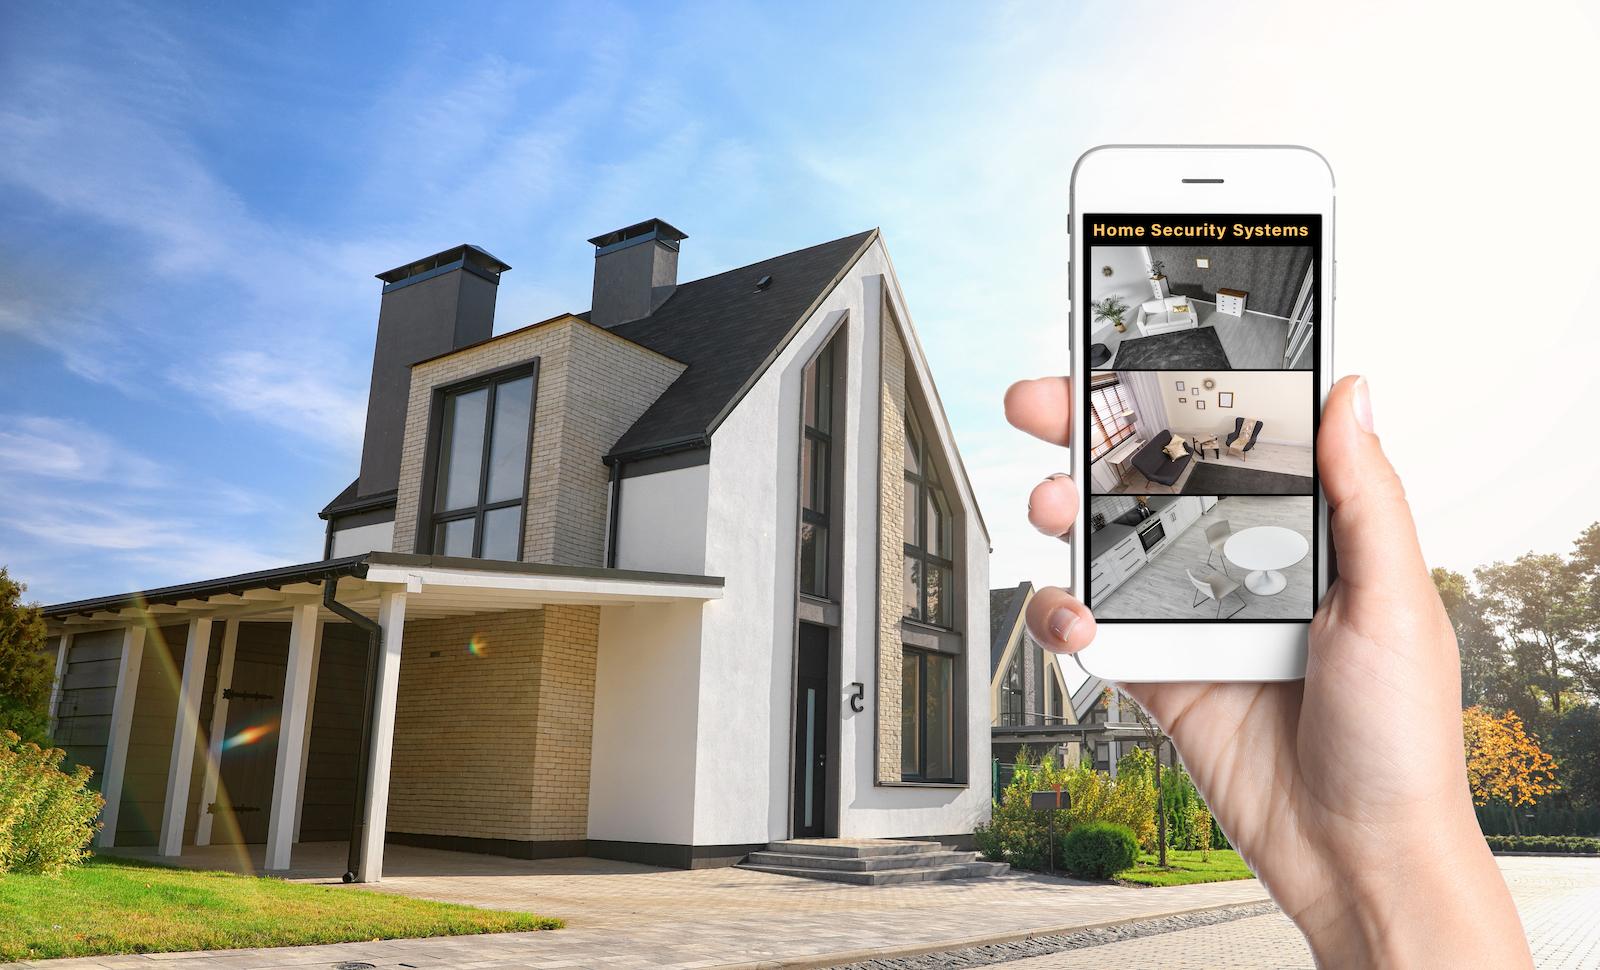 alarme sécurité, assistance electrique, alarme incendie, dépannage électrique, video surveillance, systeme camera, domotique